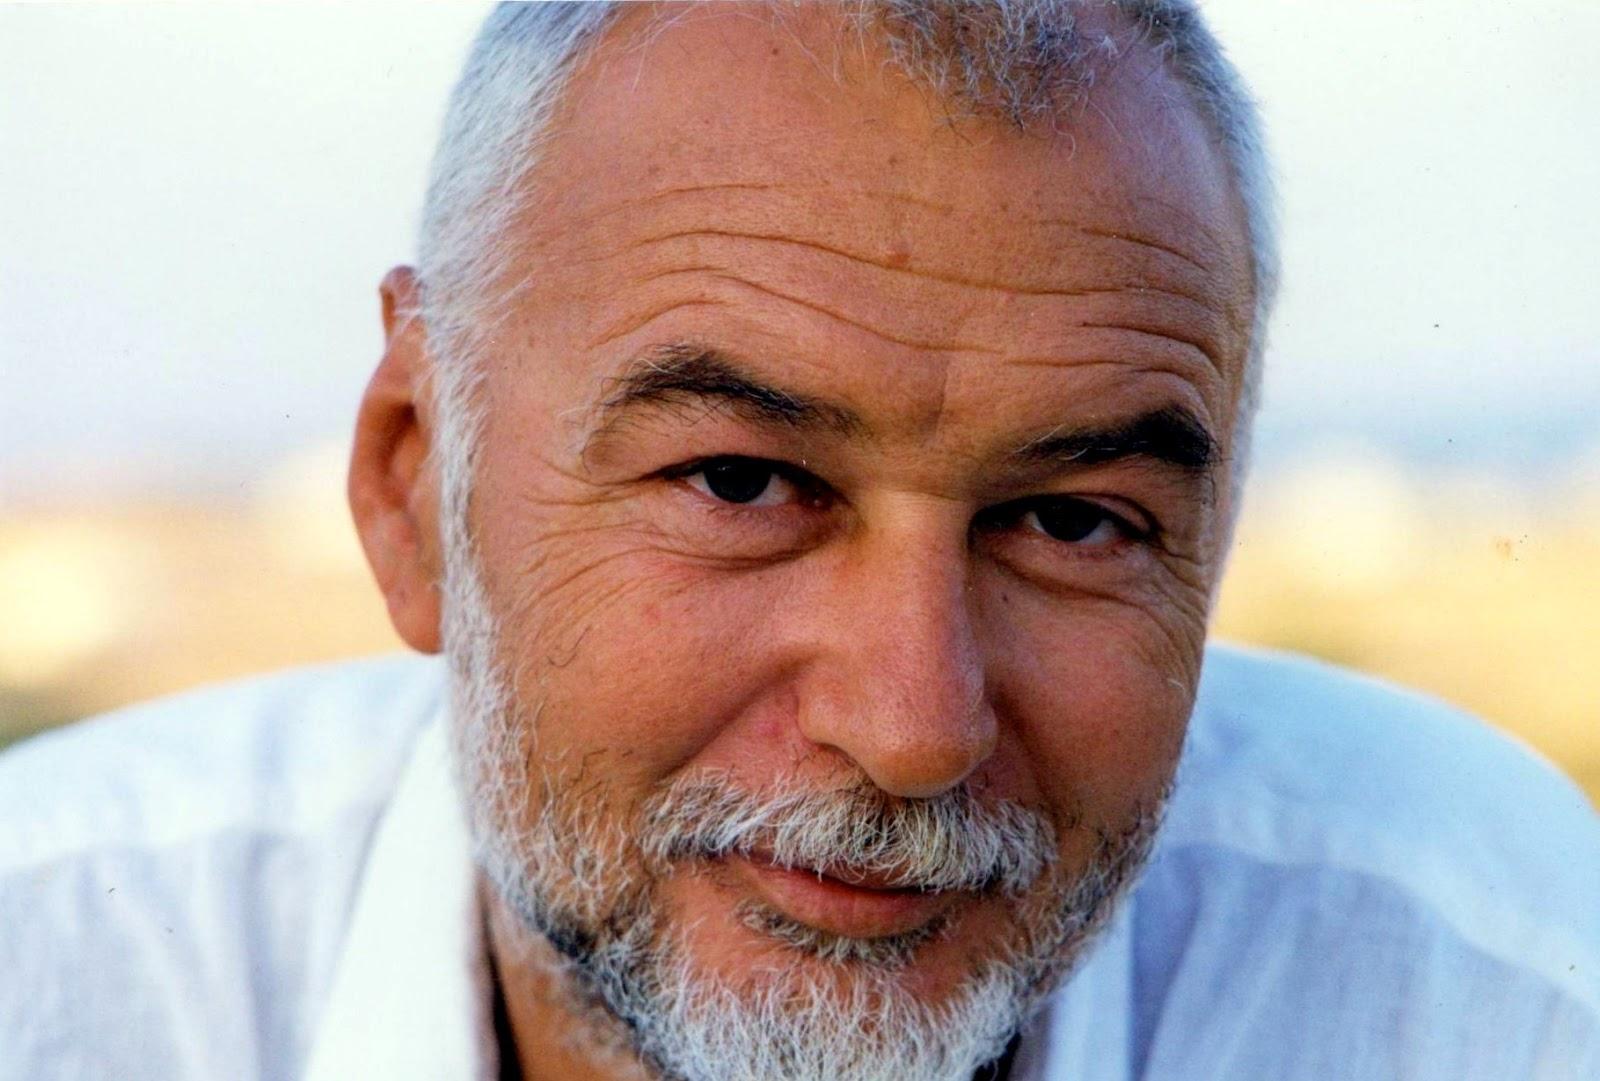 Photo of გარდაიცვალა გამოჩენილი ბერძენი კომპოზიტორი გიორგოს ზიკასი